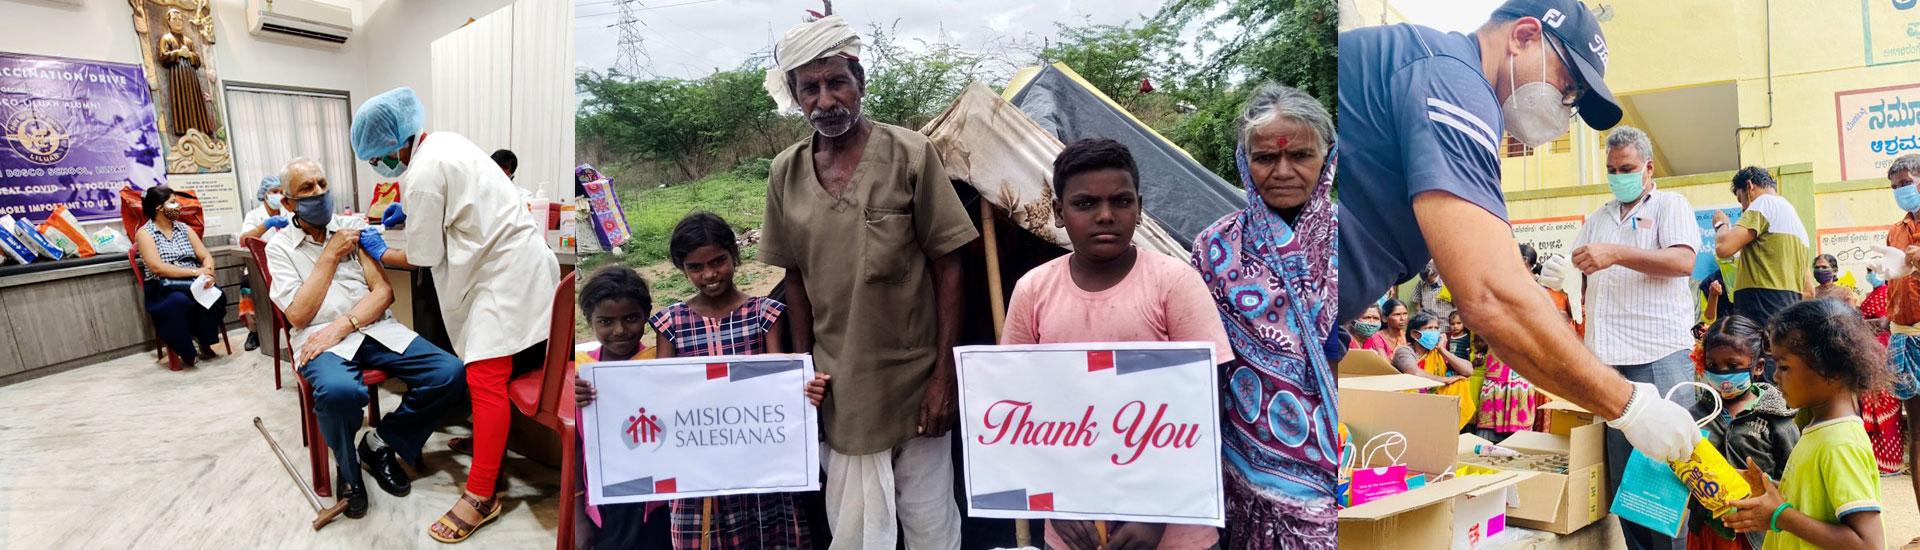 La ayuda en medio del Covid llega a millones de personas necesitadas en India gracias a la solidaridad salesiana